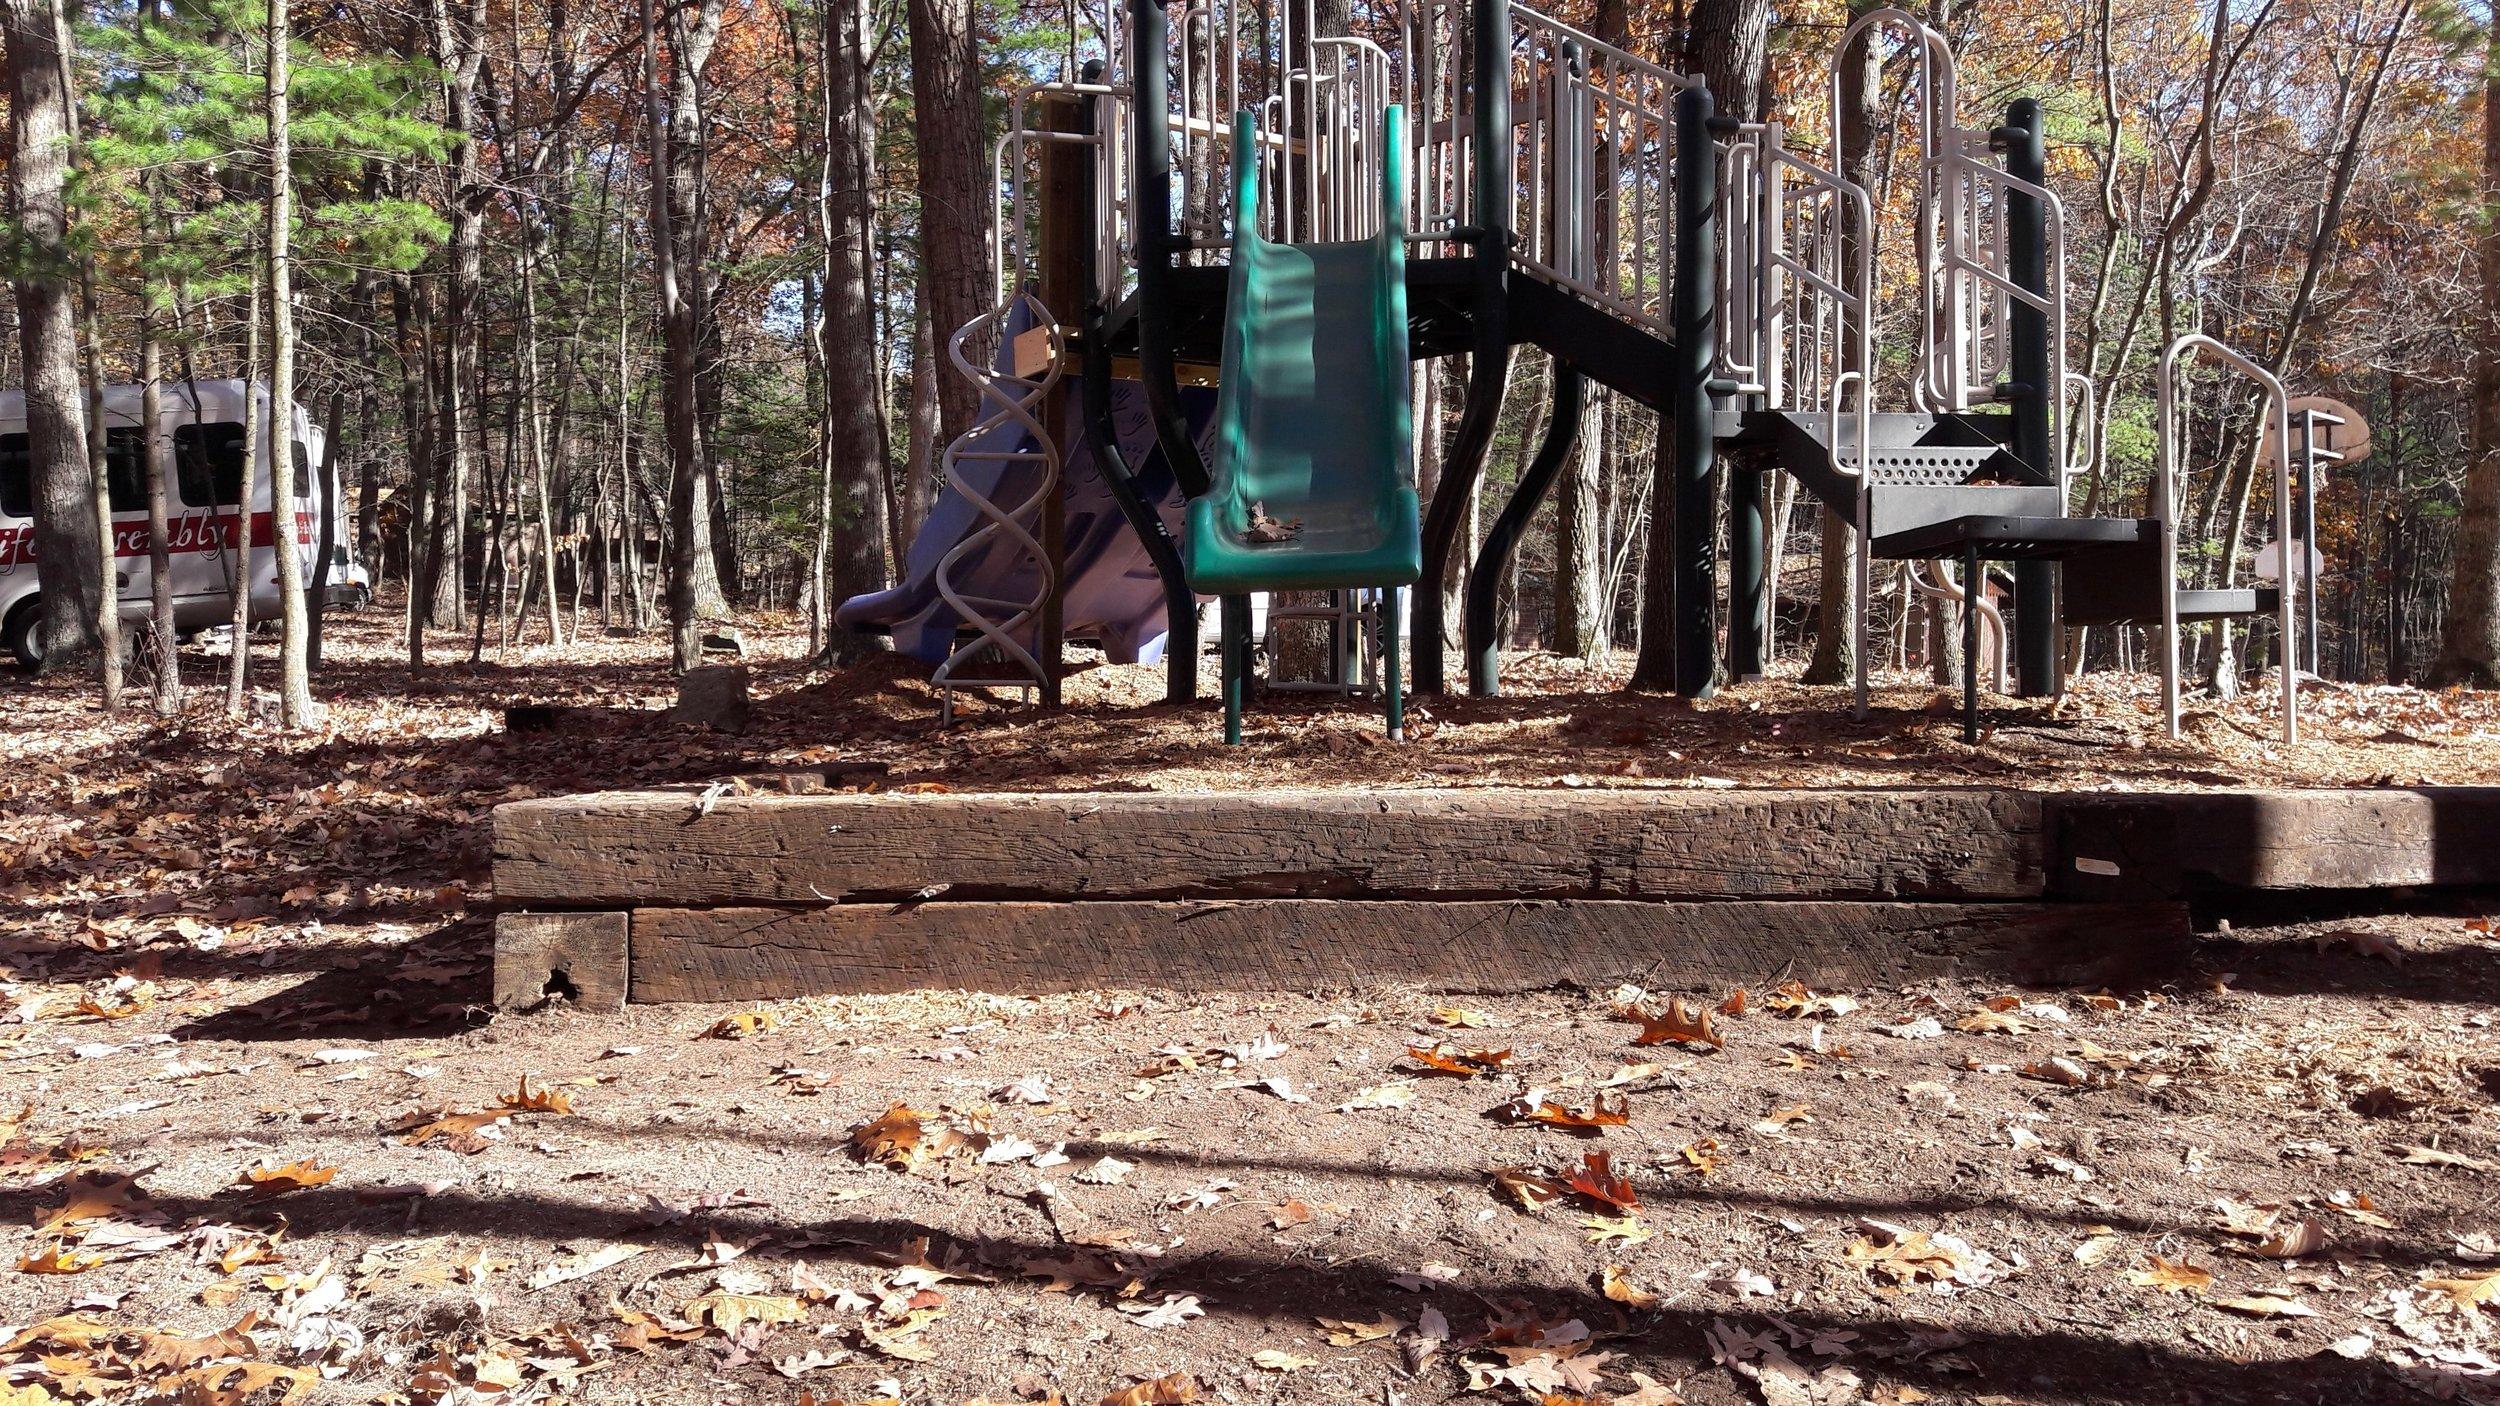 Playground - Fall 2016